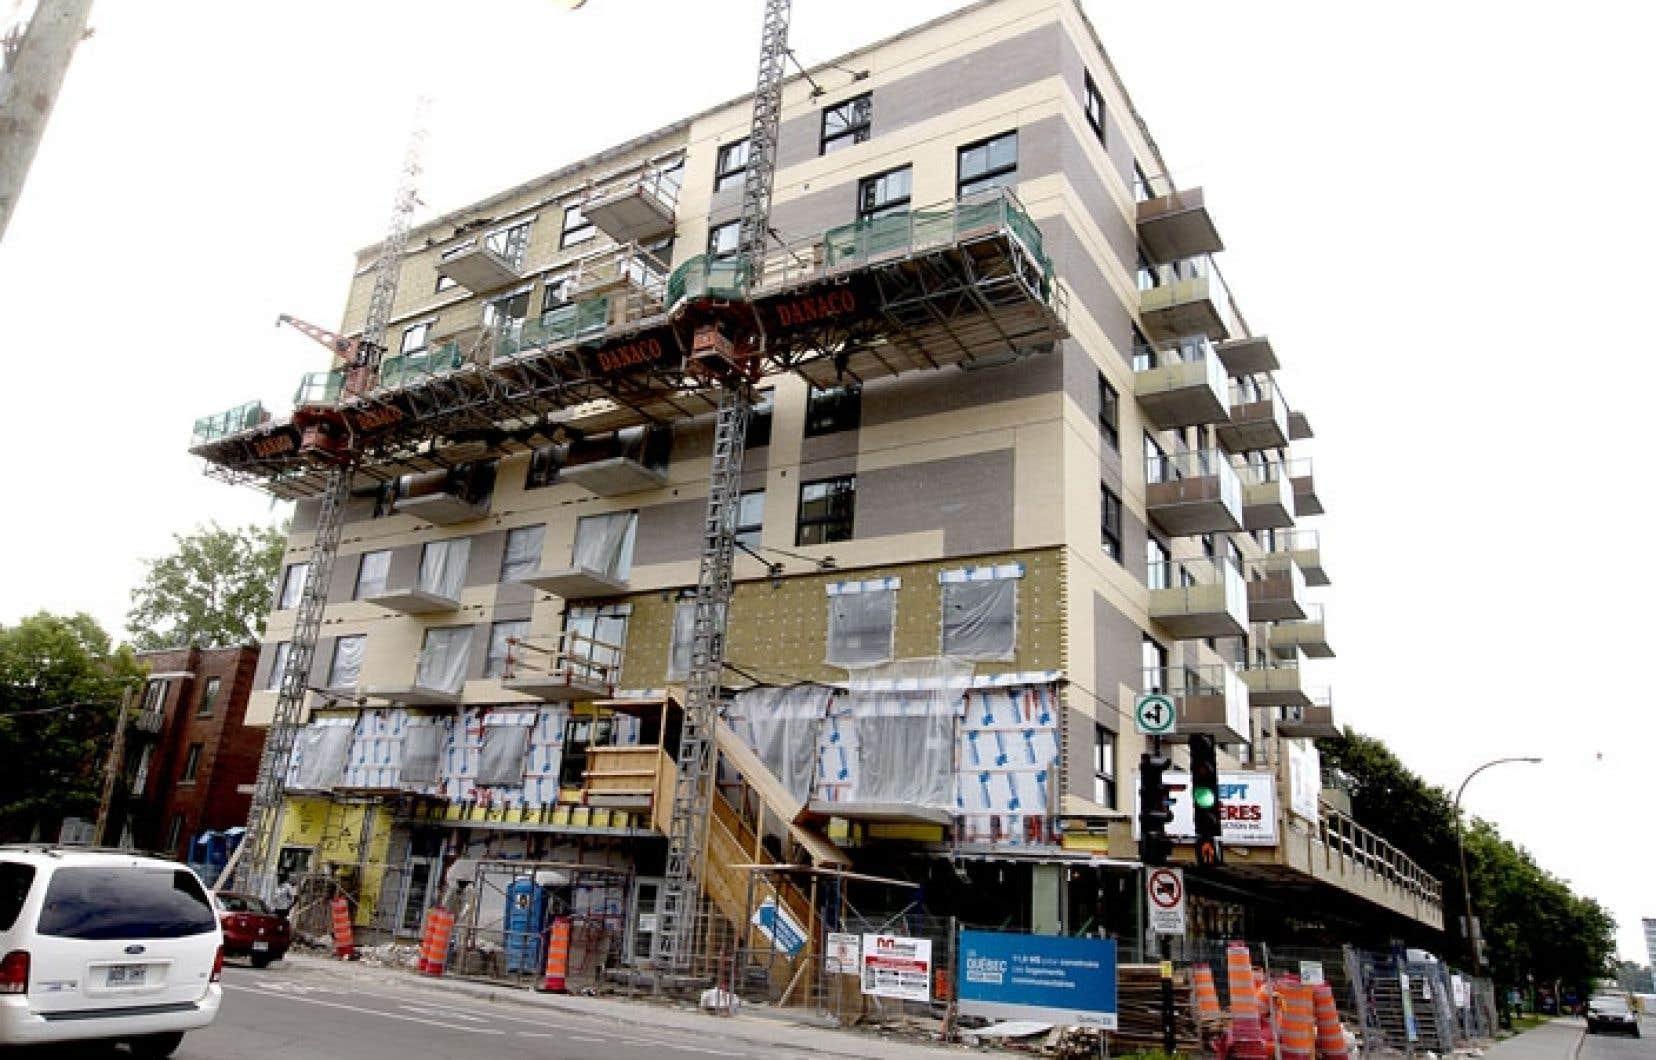 Le projet Victoria-Barclay, dans l'arrondissement Côte-des-Neiges–Notre-Dame-de-Grâce, comprendra 67 logements abordables destinés à des familles.